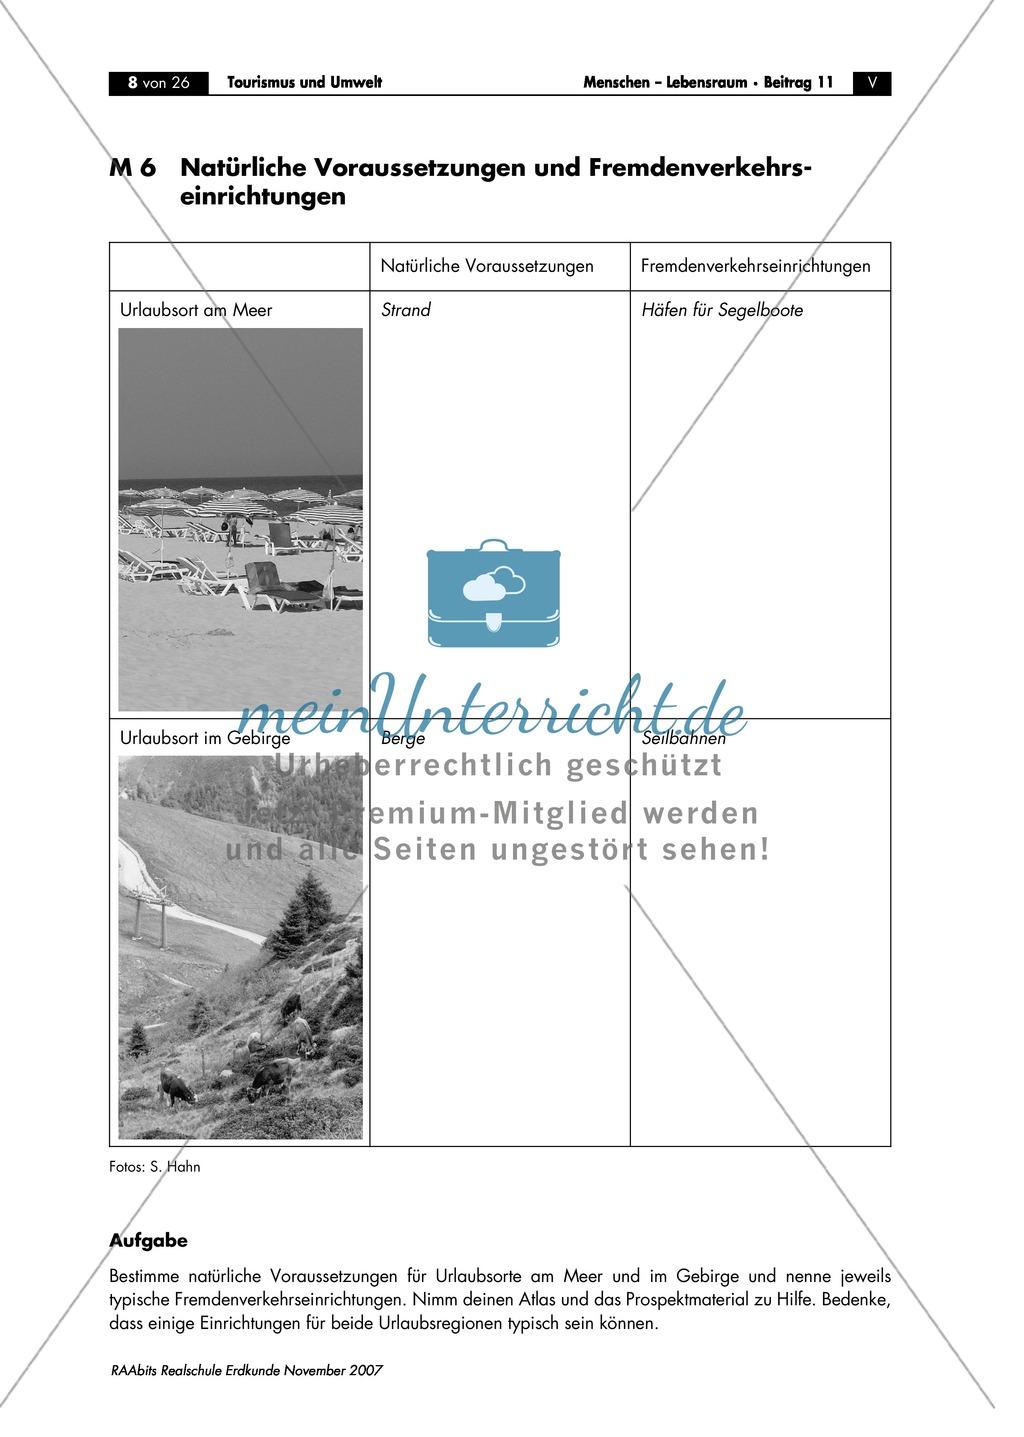 Vorstellen der natürlichen Voraussetzungen und Fremdenverkehrseinrichtungen in typischen Urlaubsregionen Preview 0